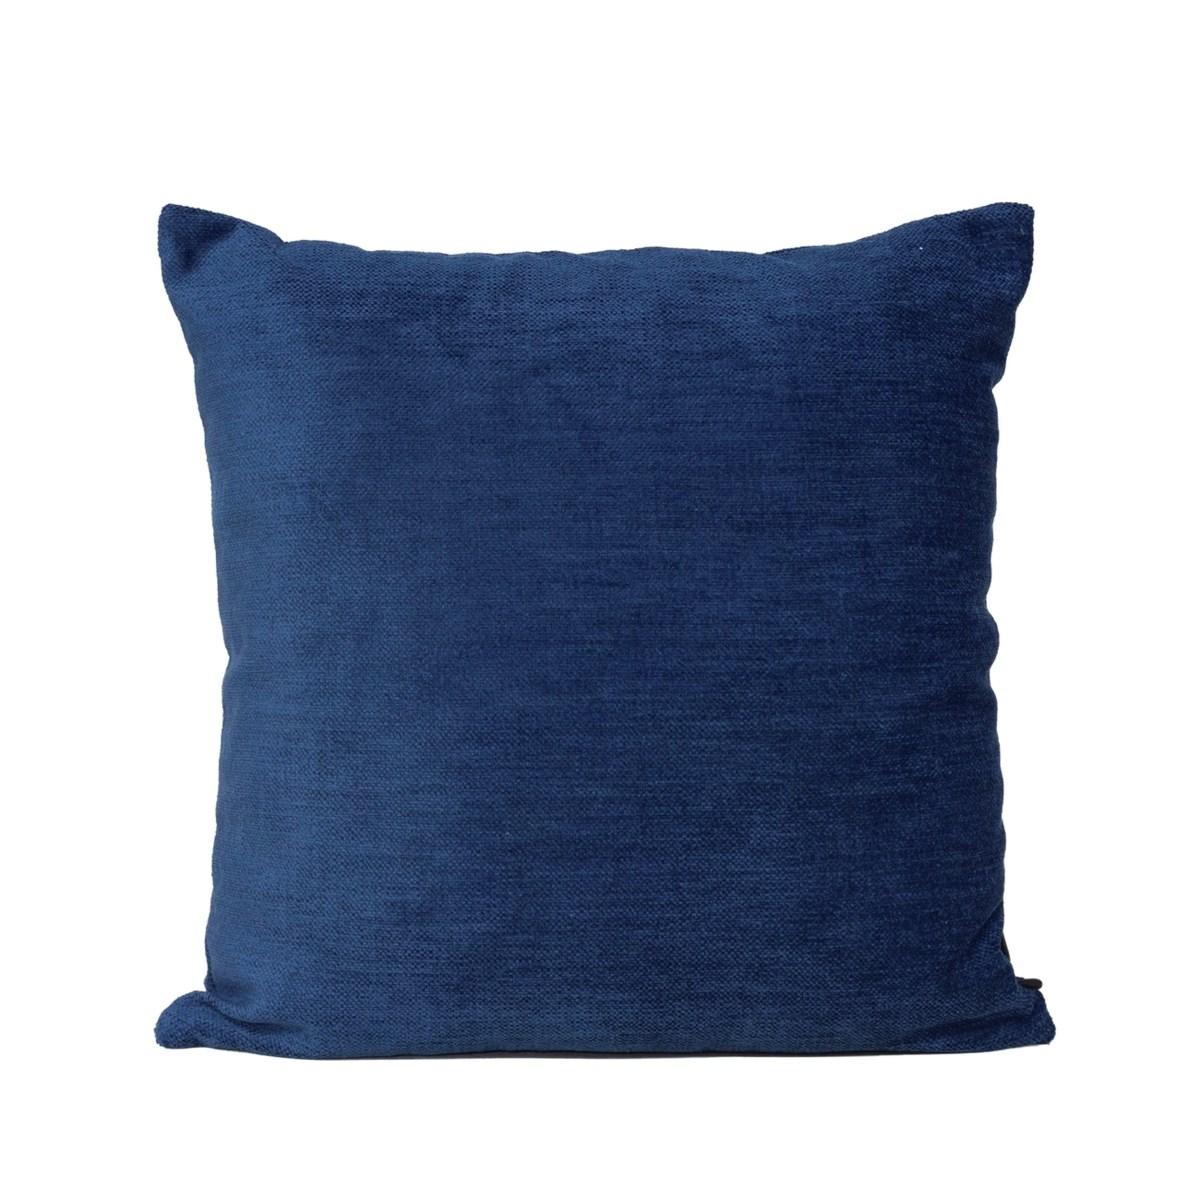 Zenith Cushion